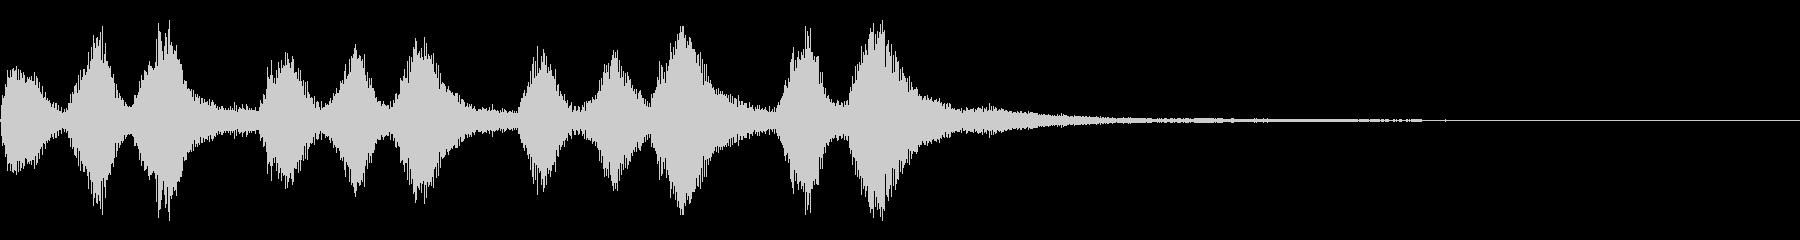 ストリングスの軽快なジングルの未再生の波形